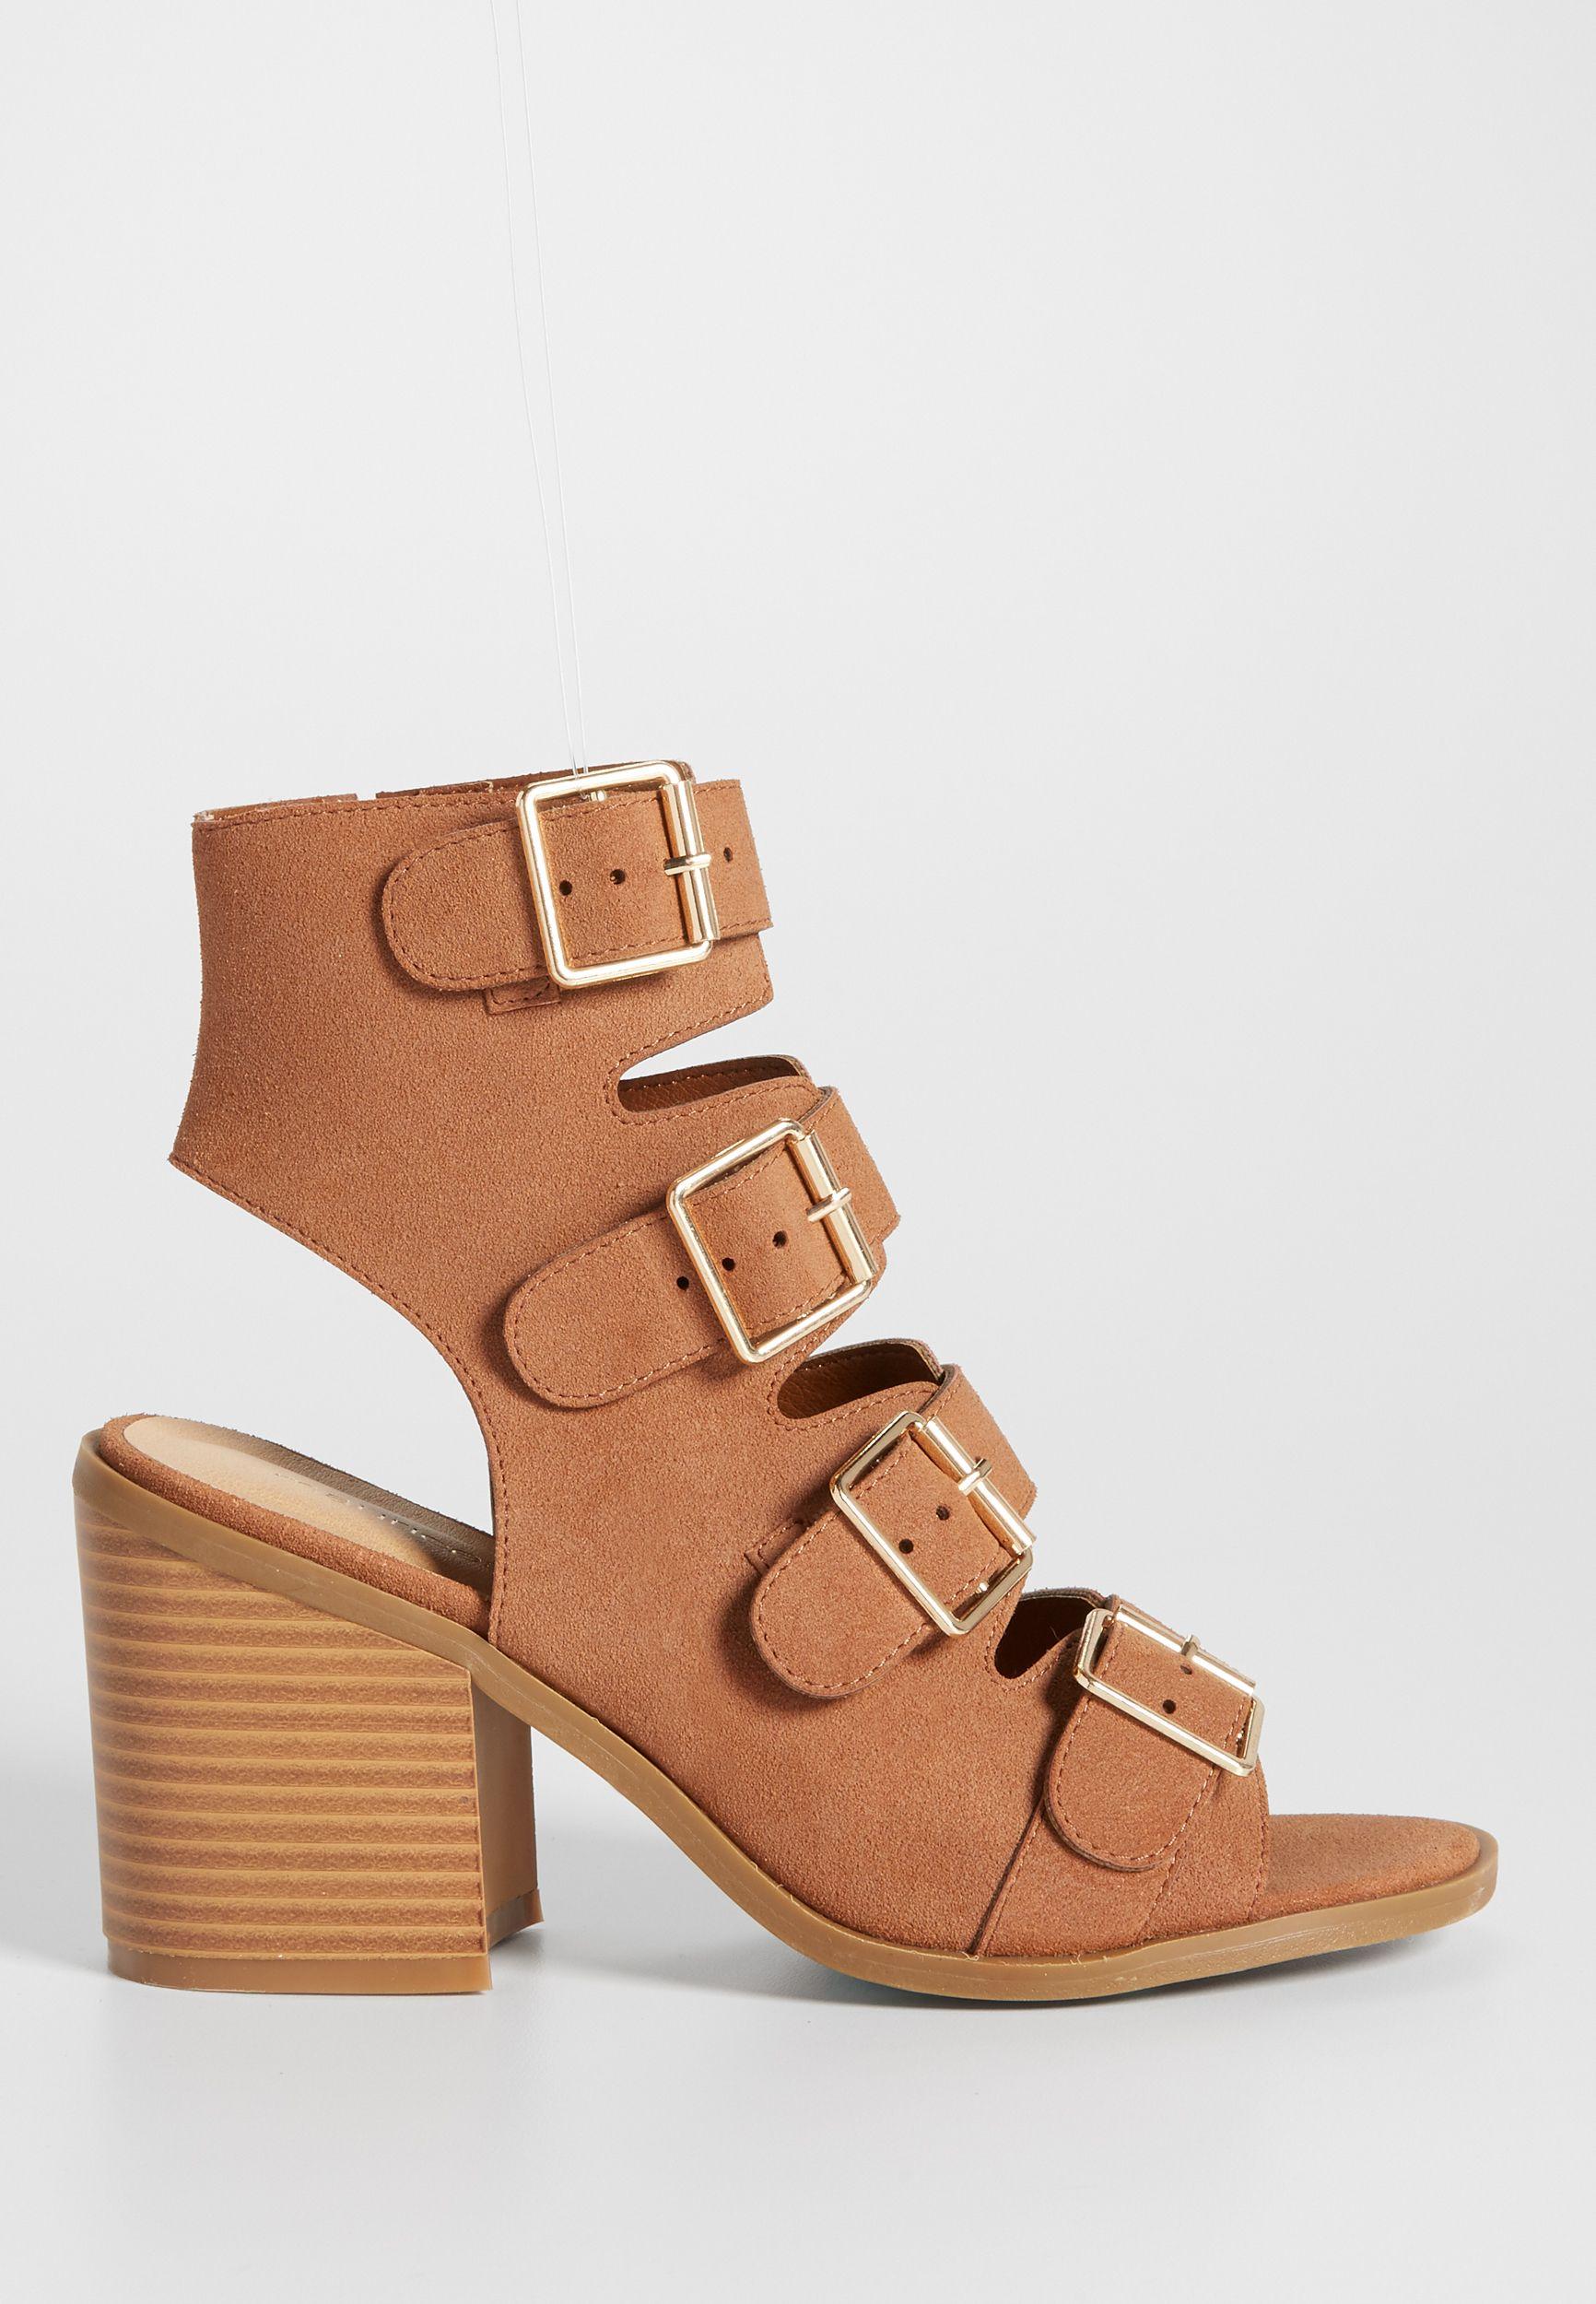 7579cc0d99cd Cecelia heel with buckles in cognac (original price